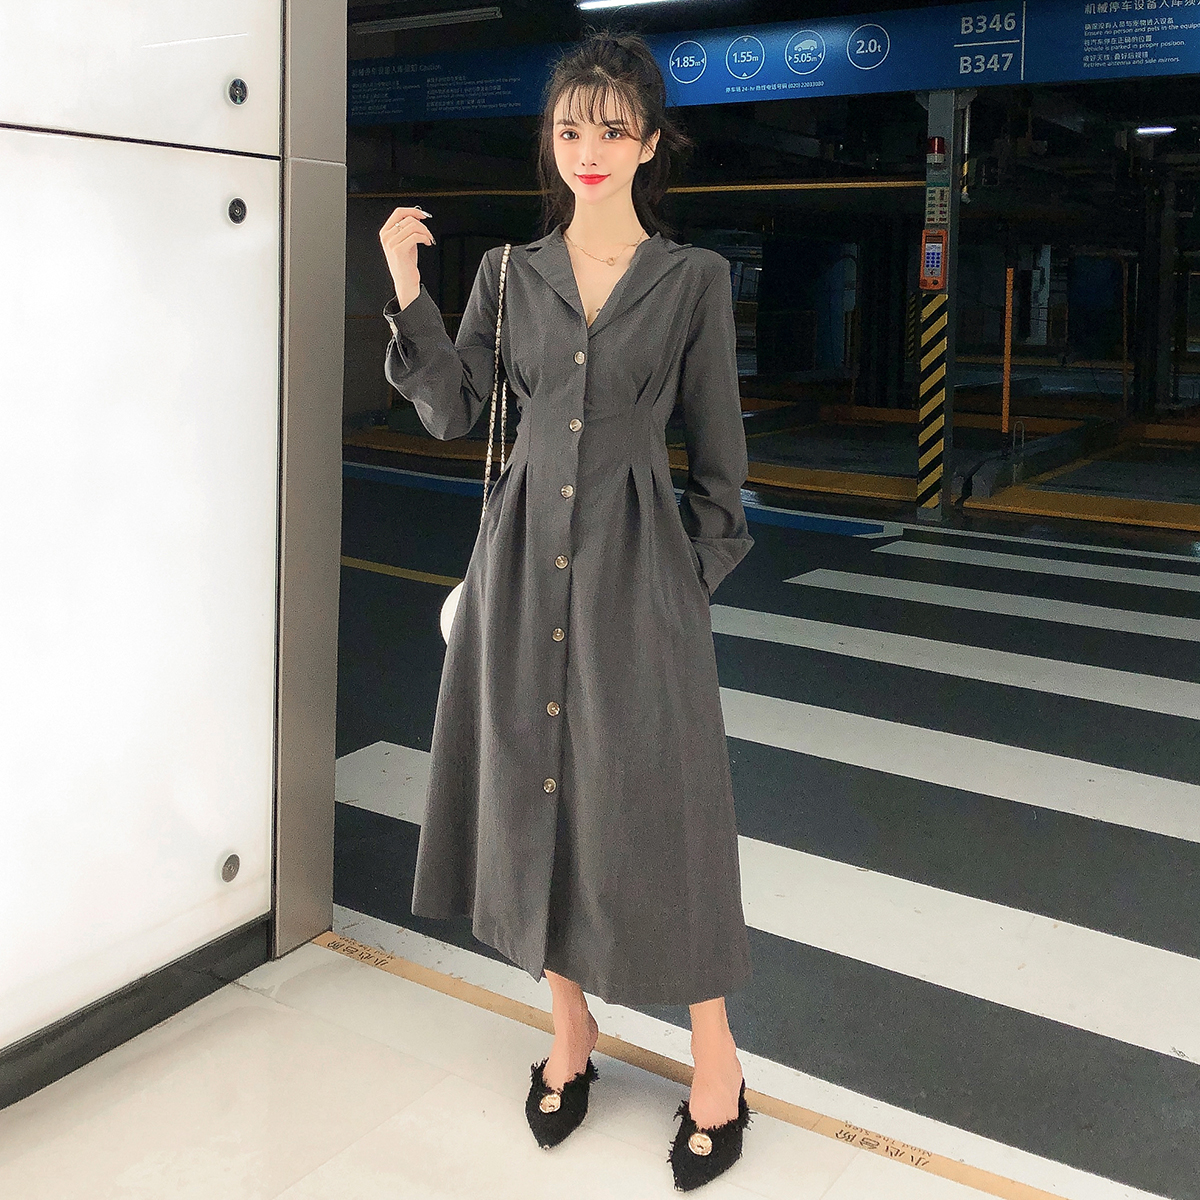 6546实拍现货新款韩版法式复古裙中长款高腰长袖连衣裙气质连衣裙 -